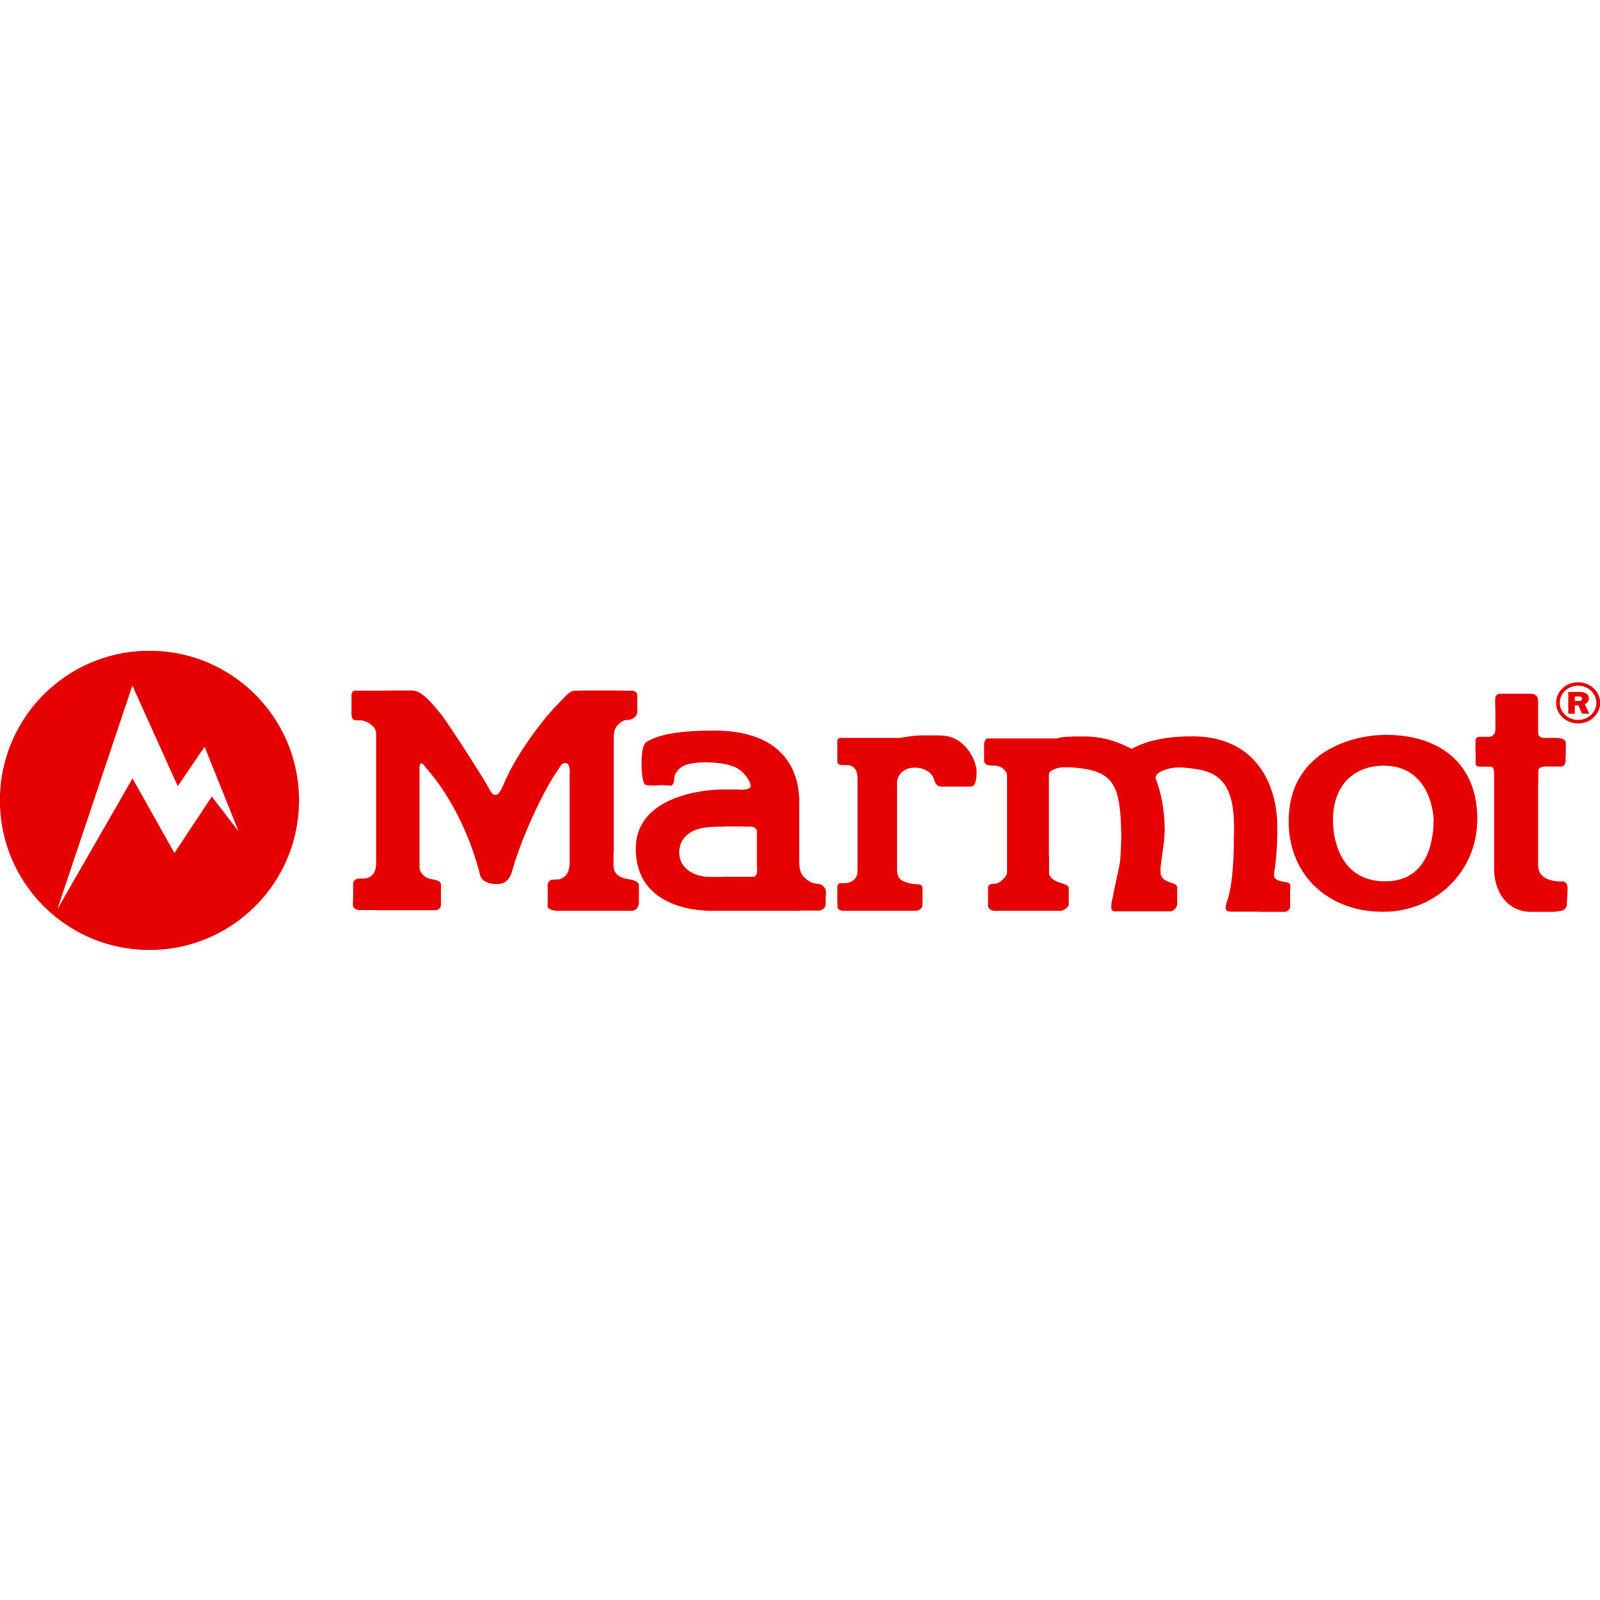 Marmot en España (Imagen 1)